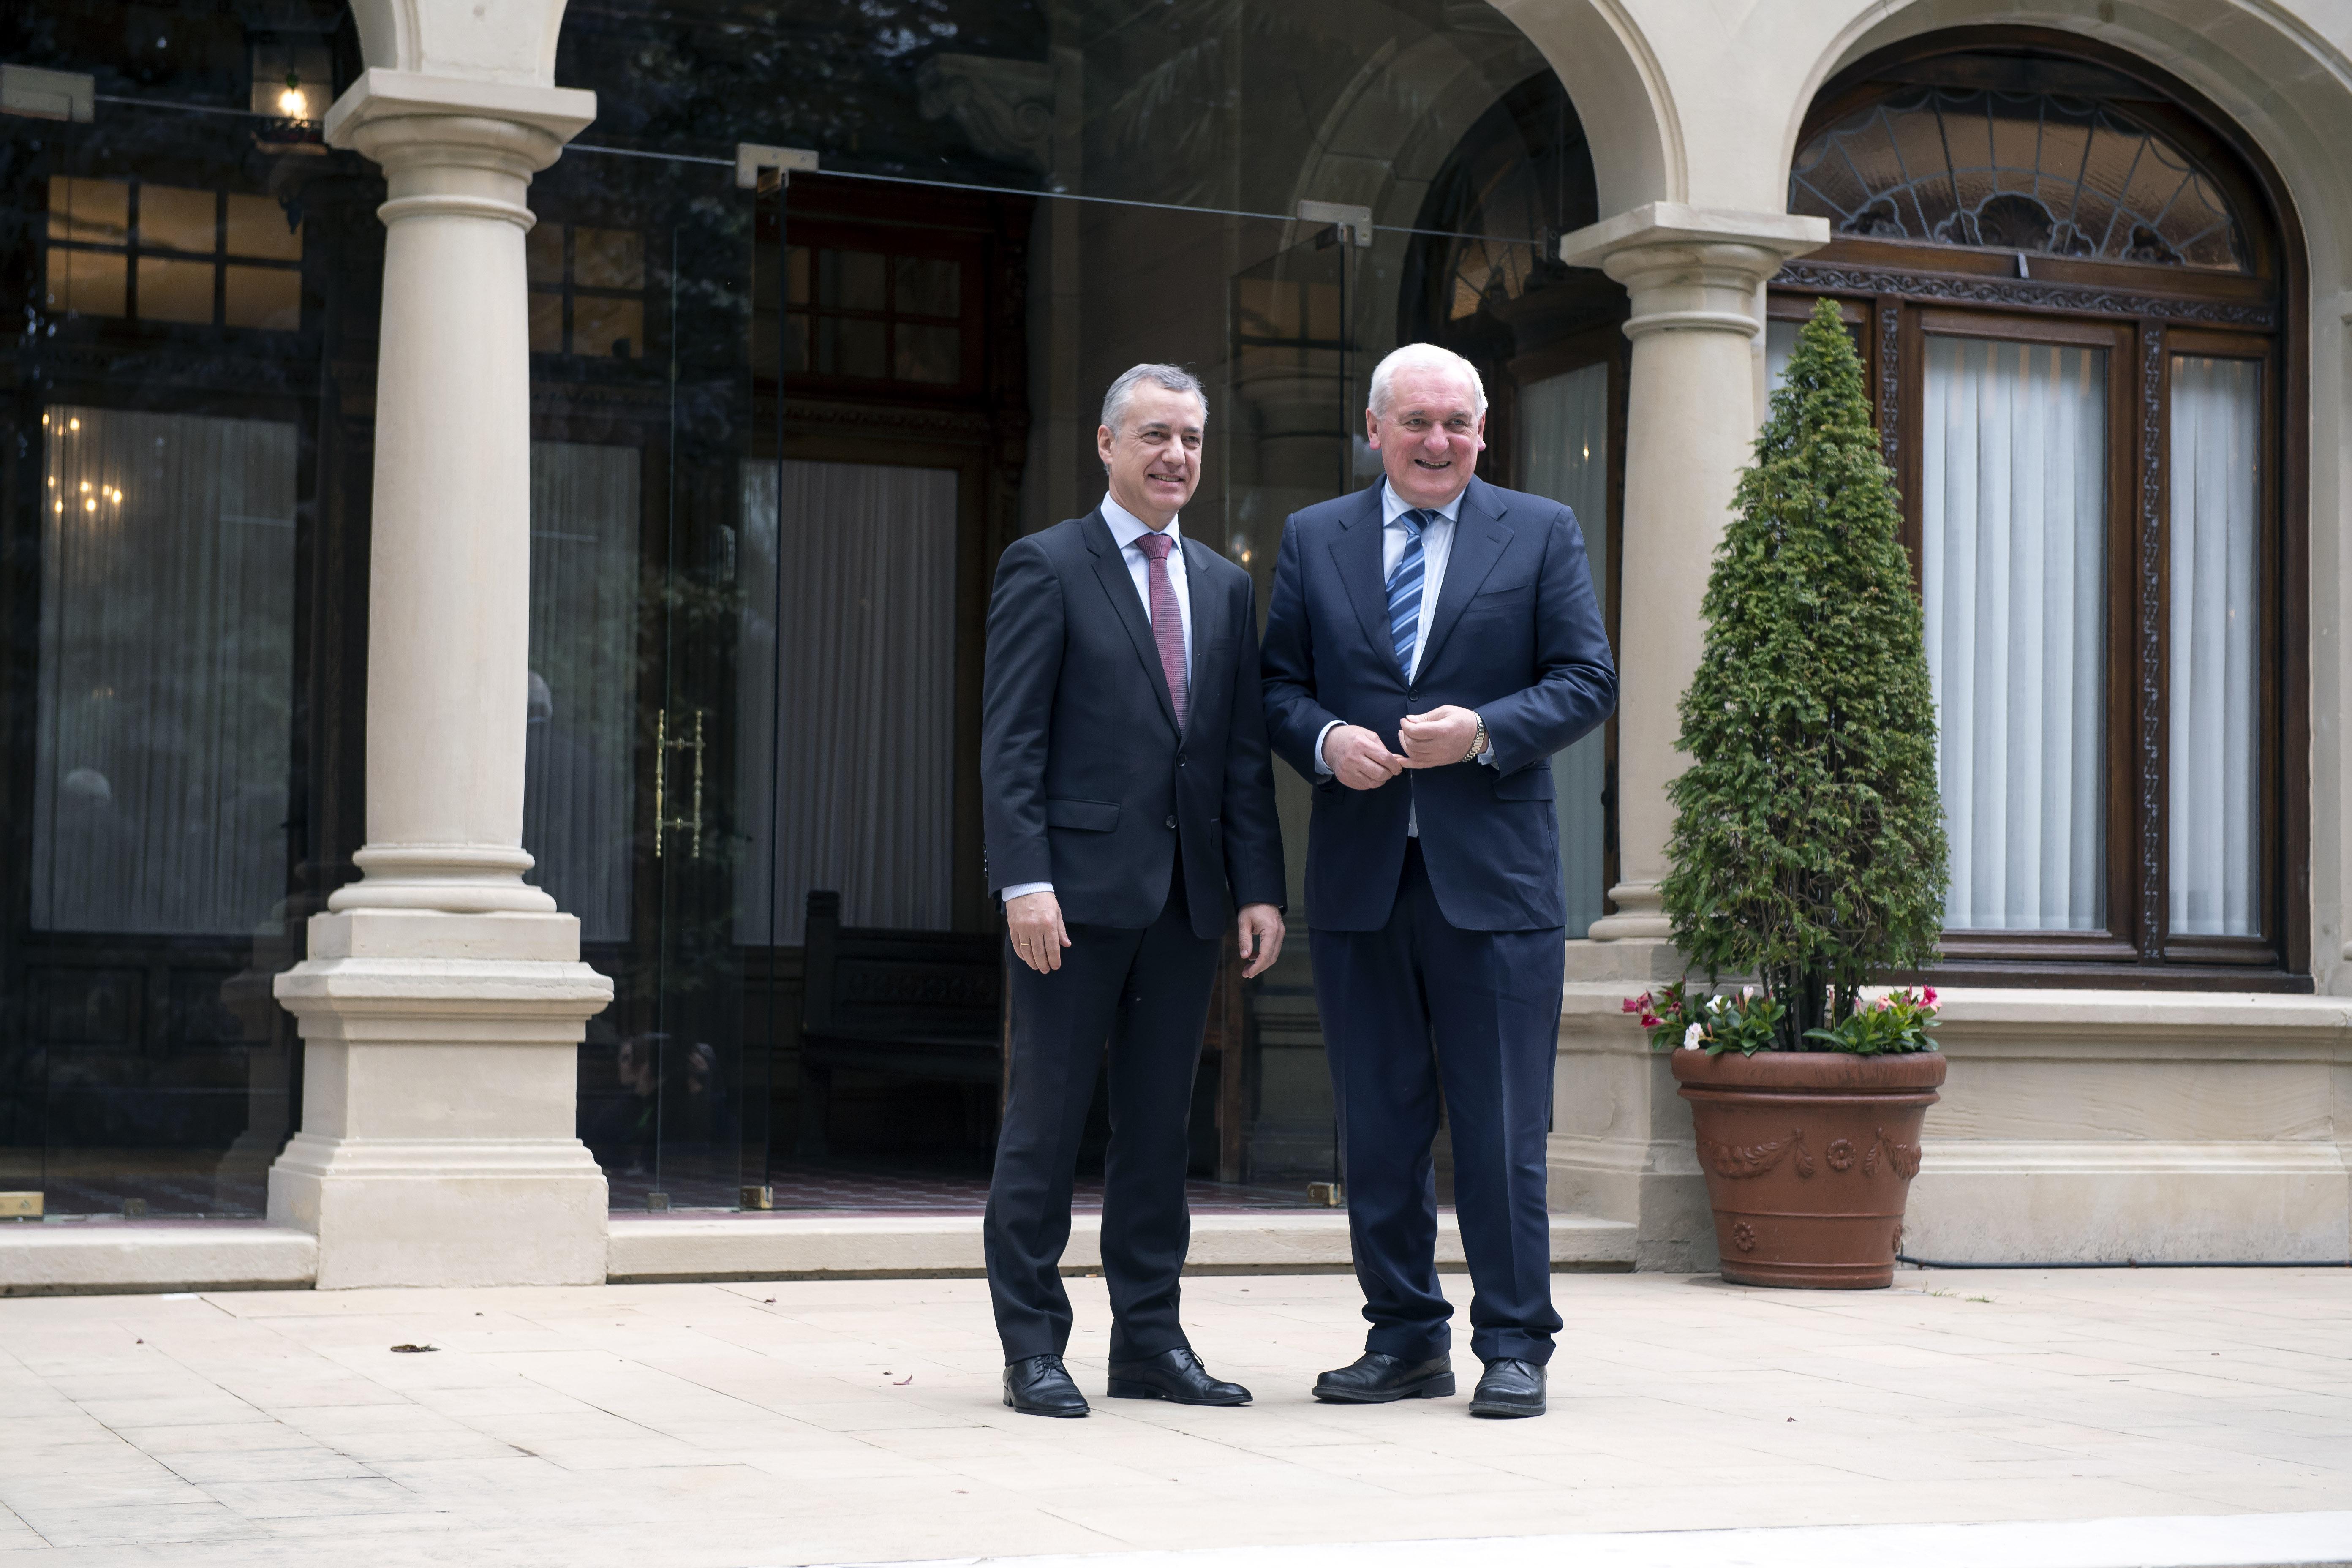 Lehendakariak Irlandako lehen ministro ohia hartu du